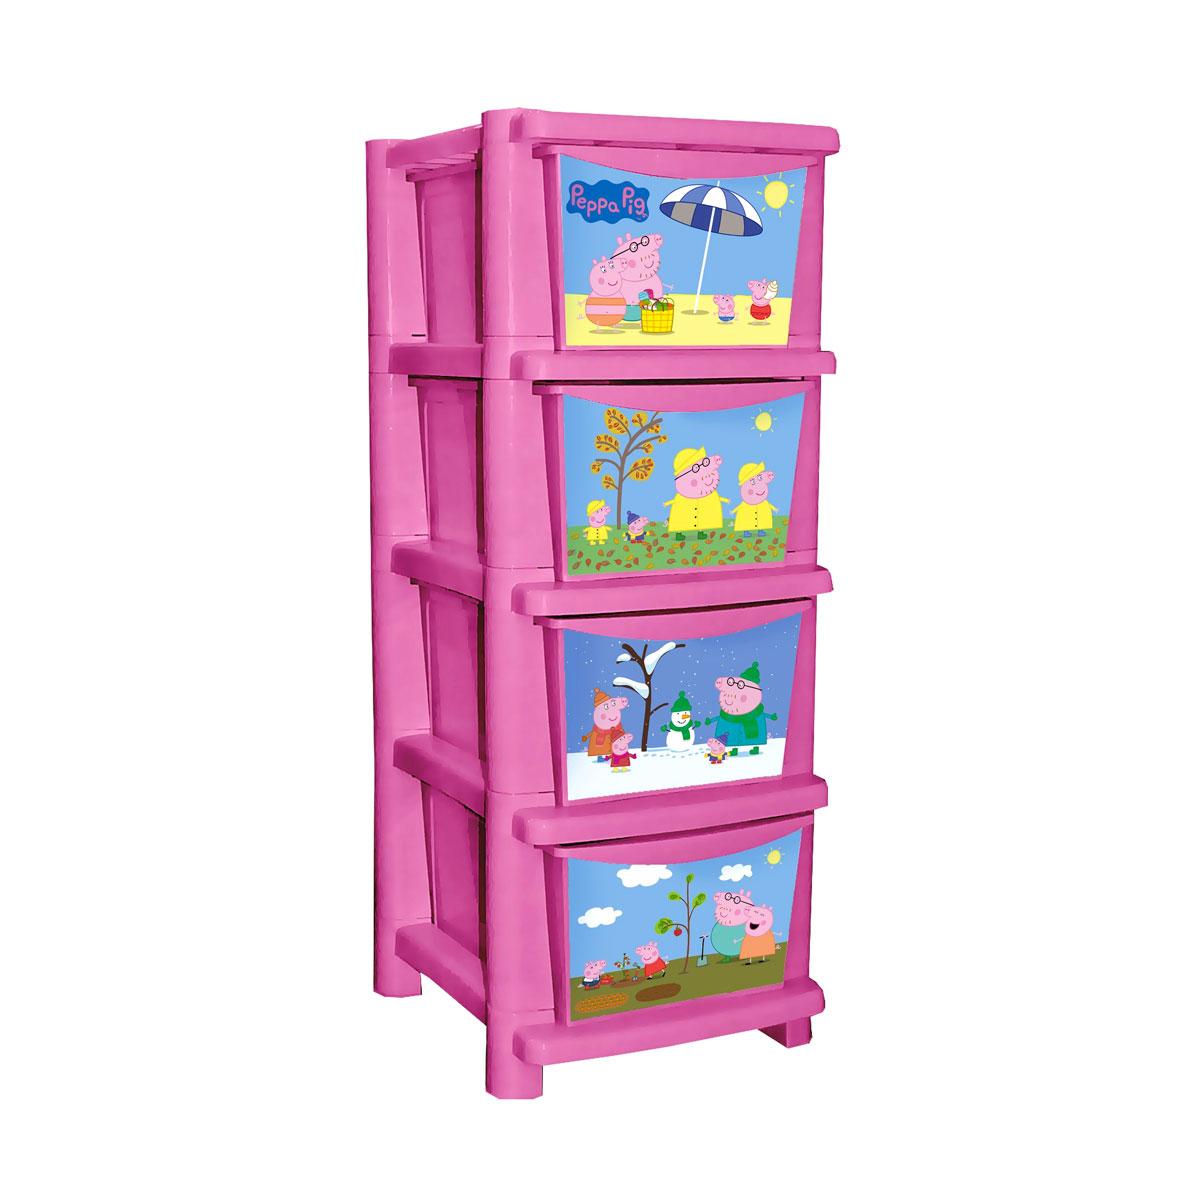 Купить Комод для детской комнаты Обучайка - Свинка Пеппа, розовый, Little Angel